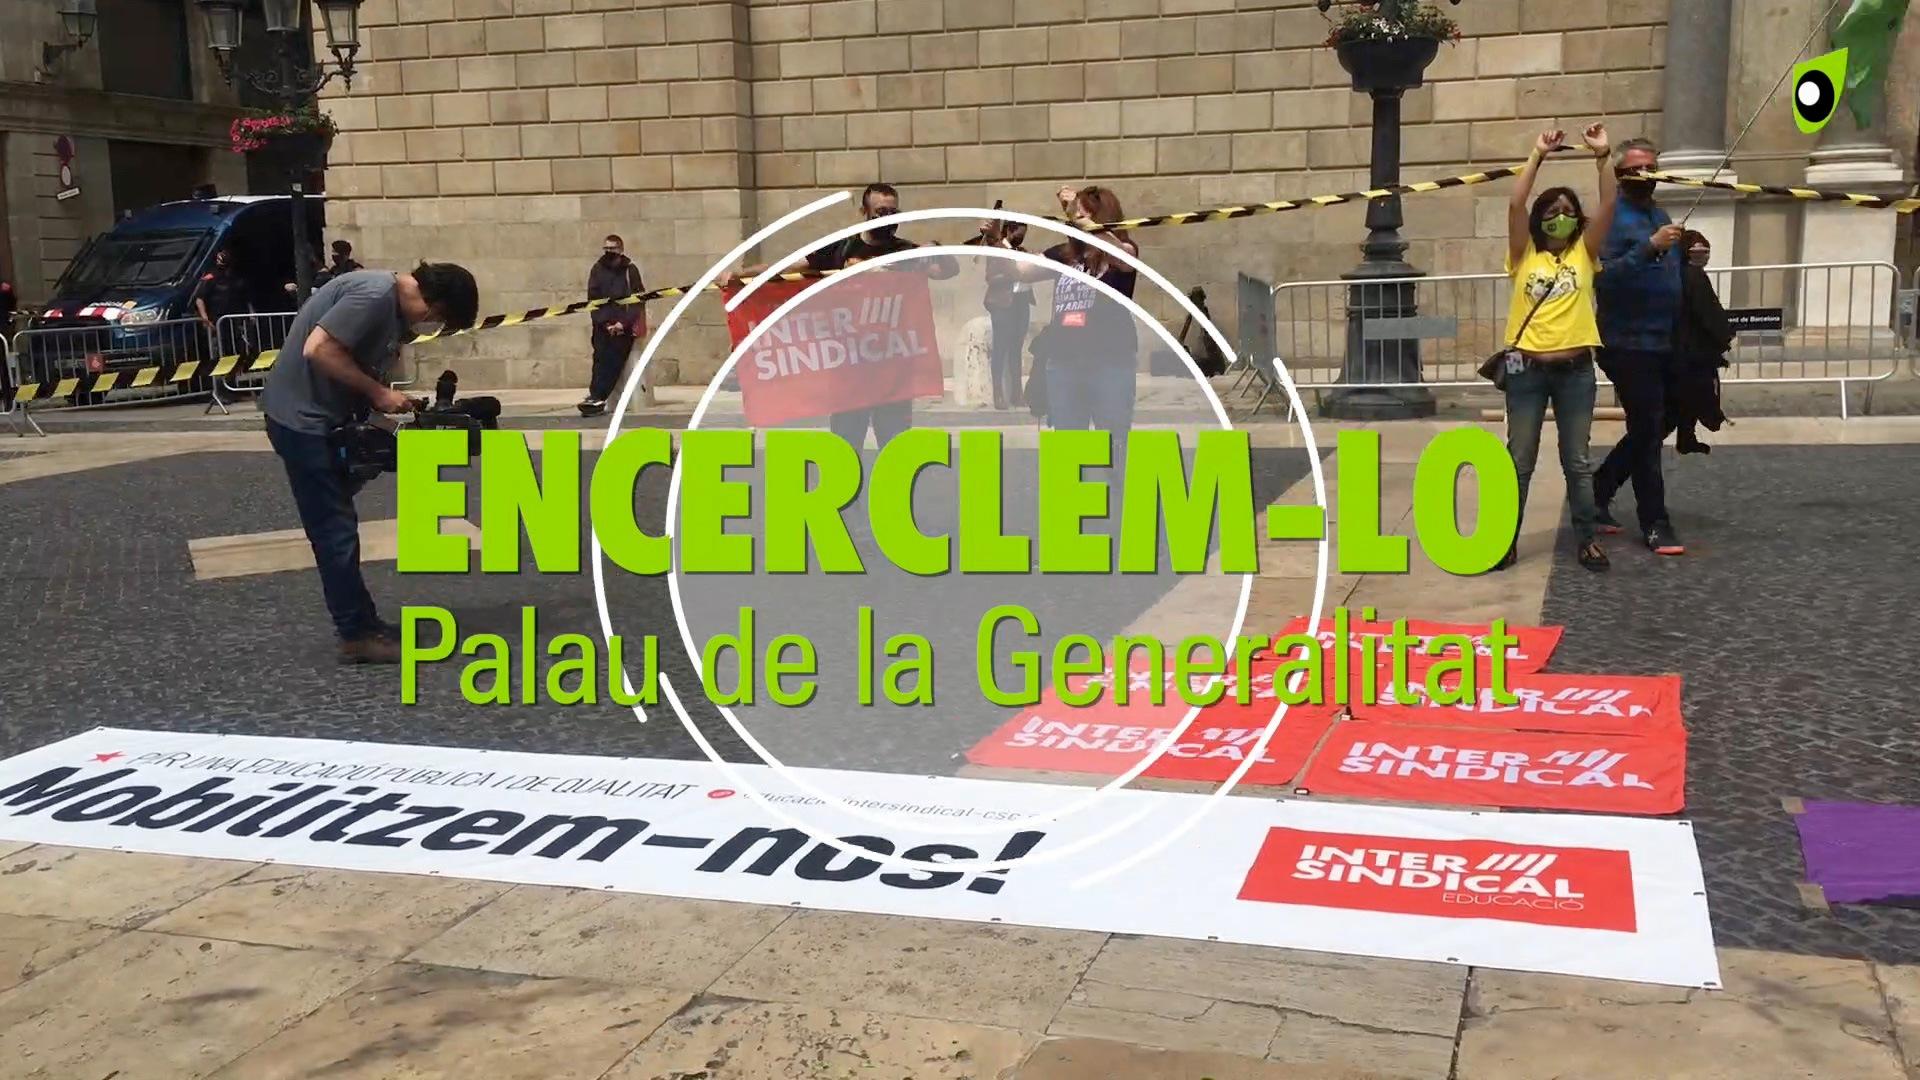 Encelem-lo. Palau de la Generalitat.